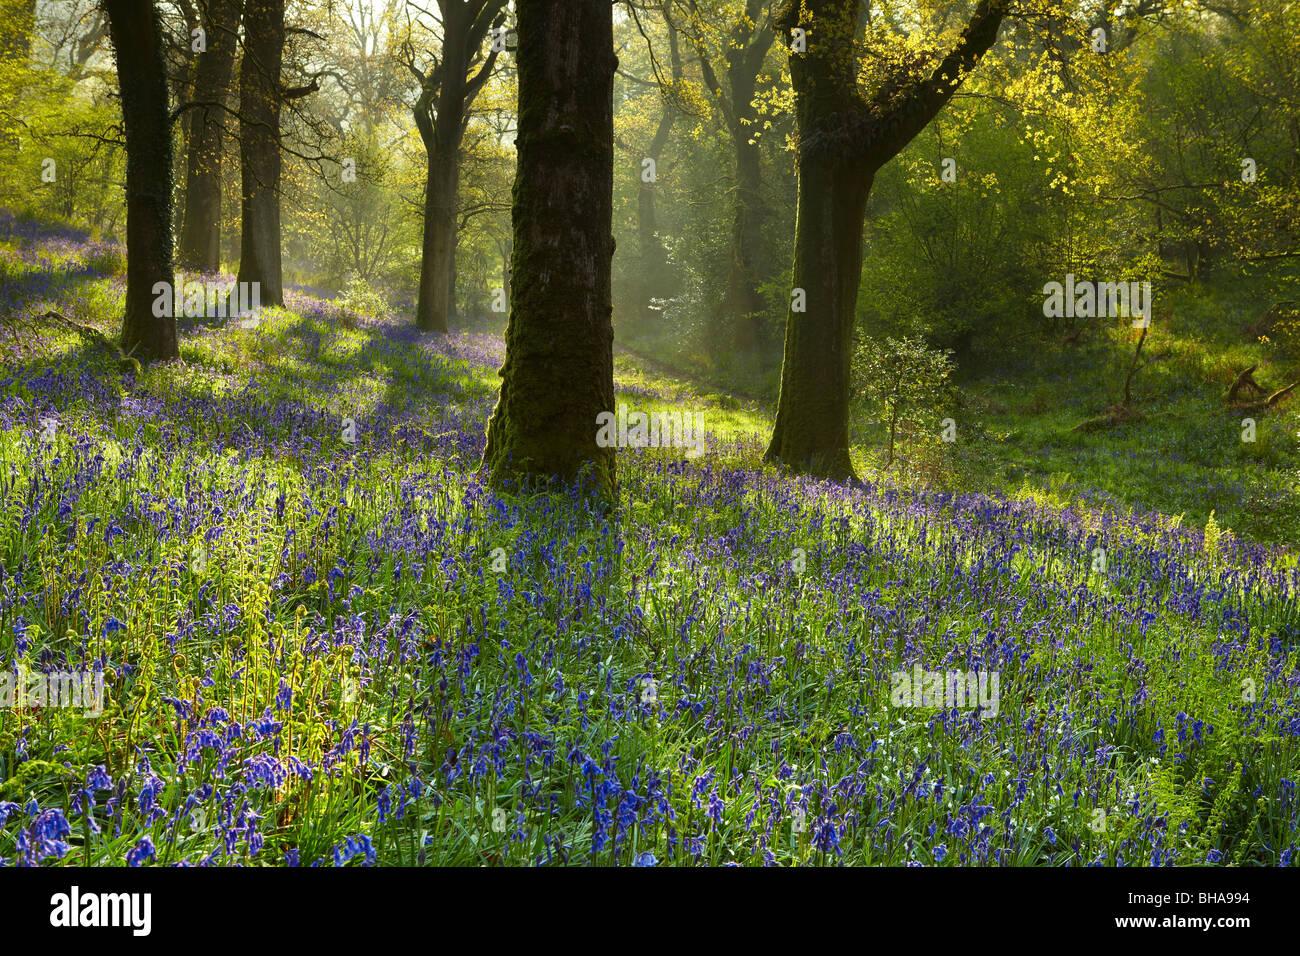 Las campánulas azules en el bosque en Batcombe, Dorset, Inglaterra, Reino Unido. Imagen De Stock